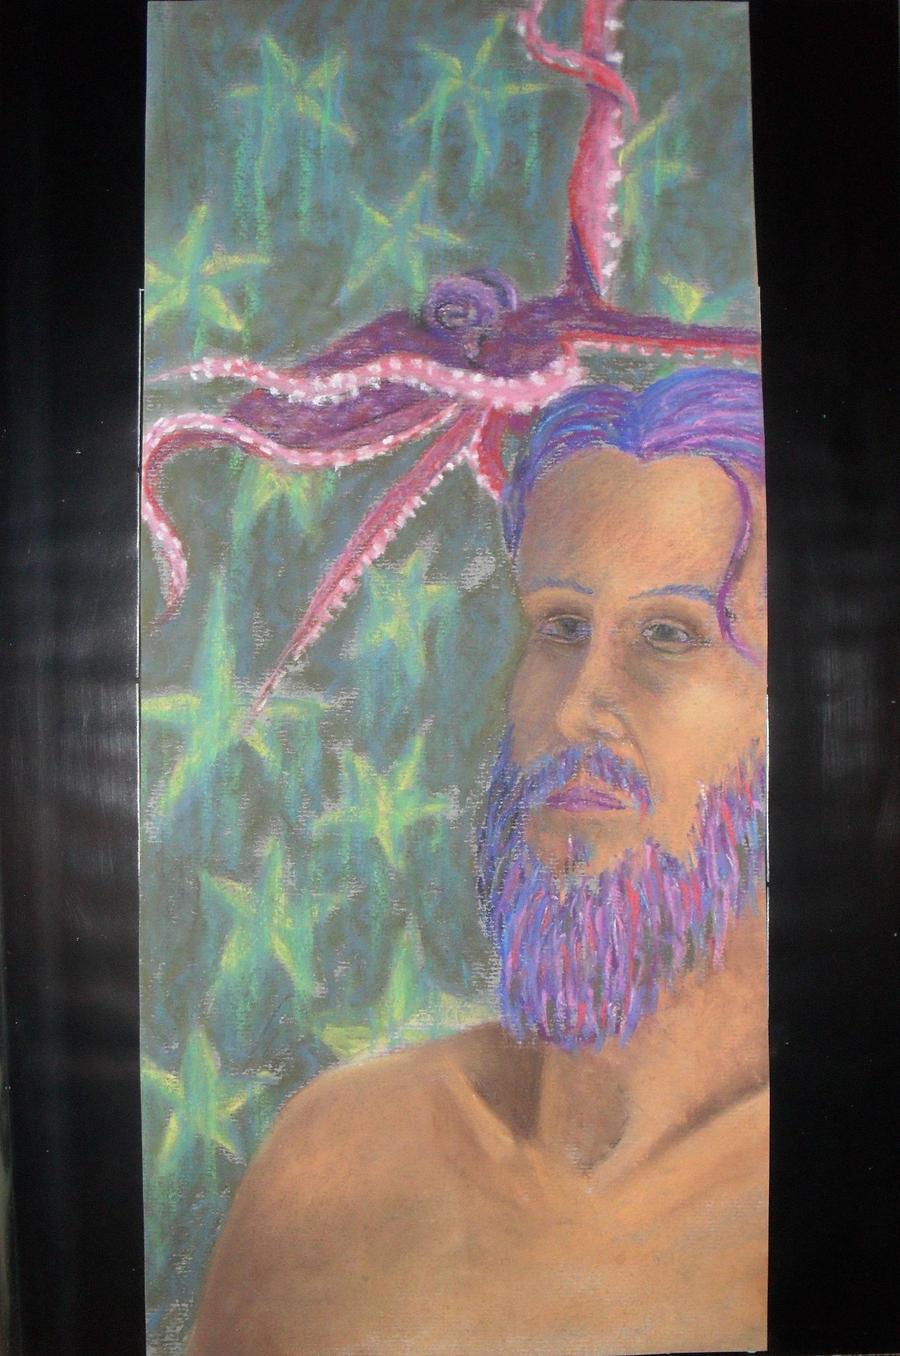 Poseidon by LemonSails